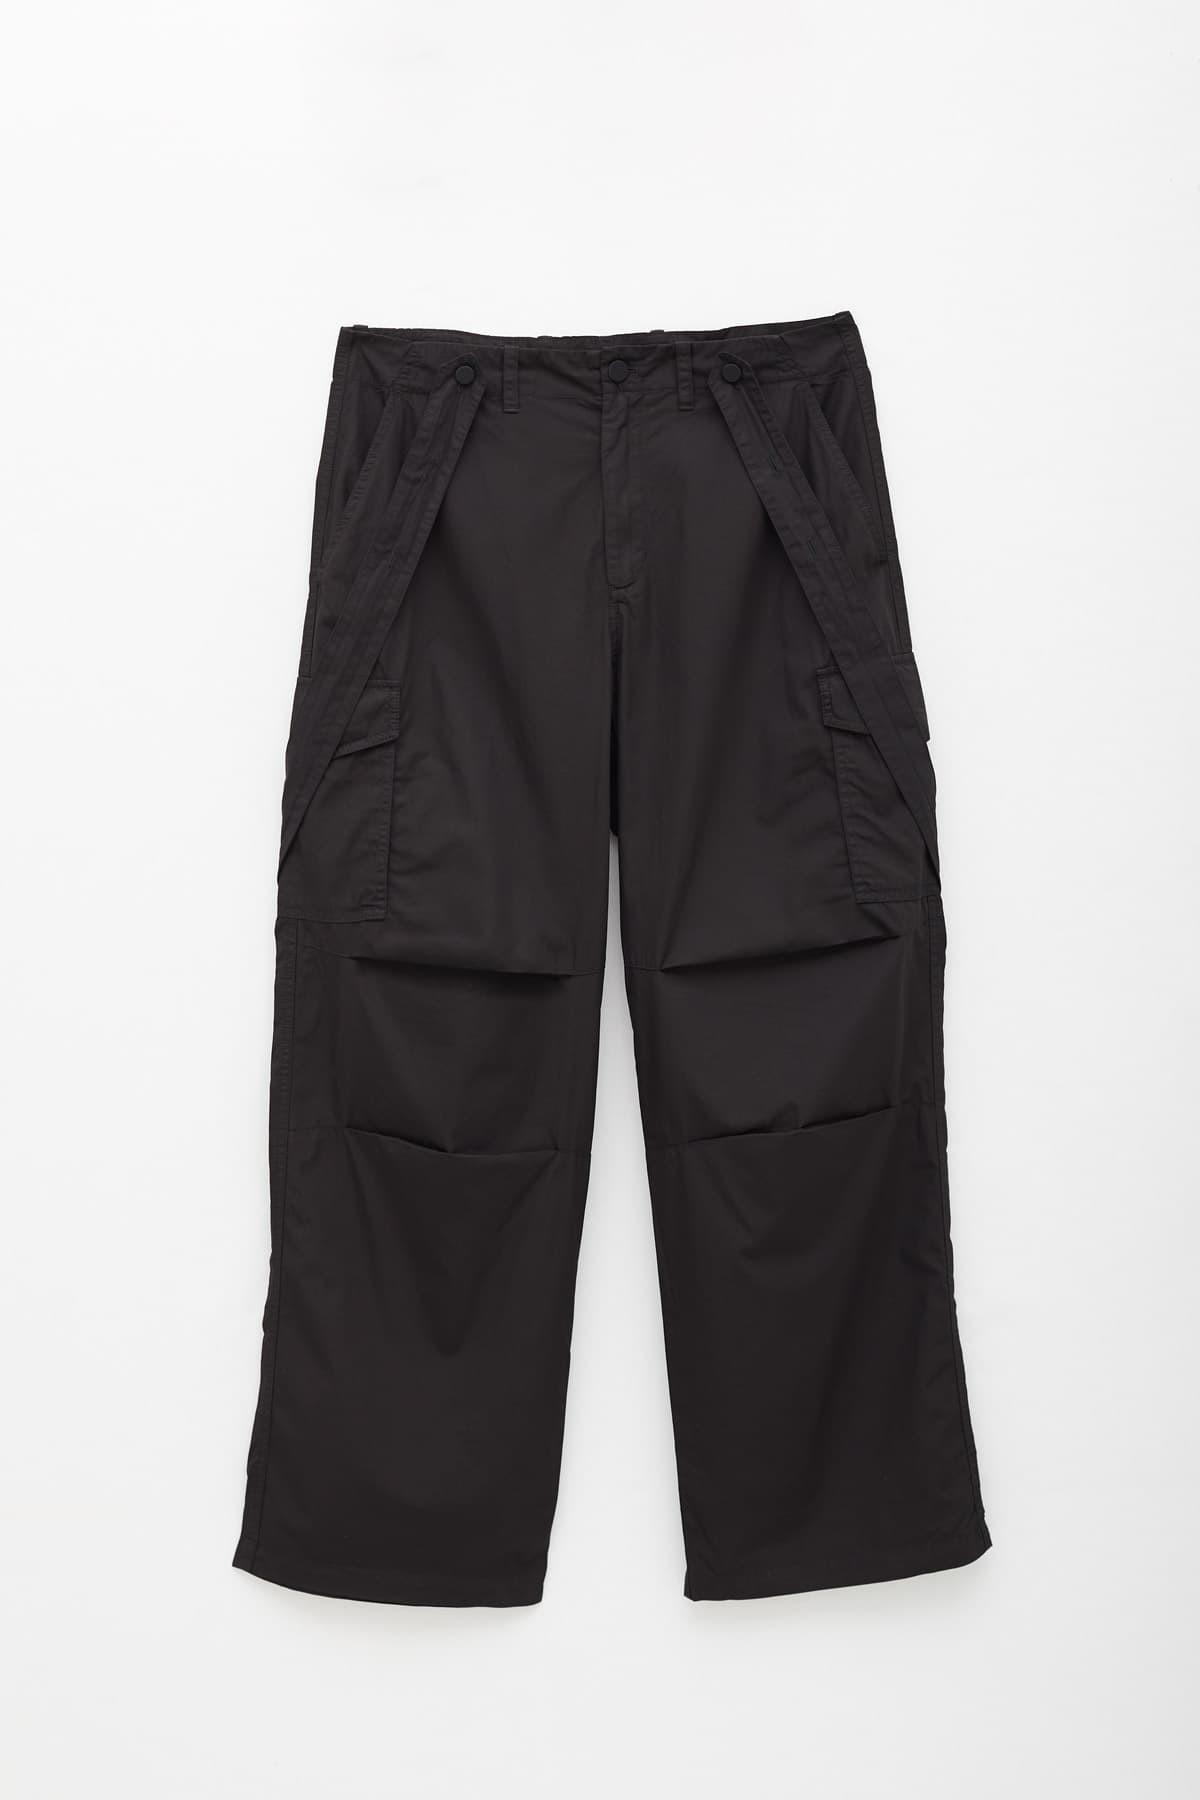 Shop Raf Simons x Eastpak Black White Stars RS Padded Backpack